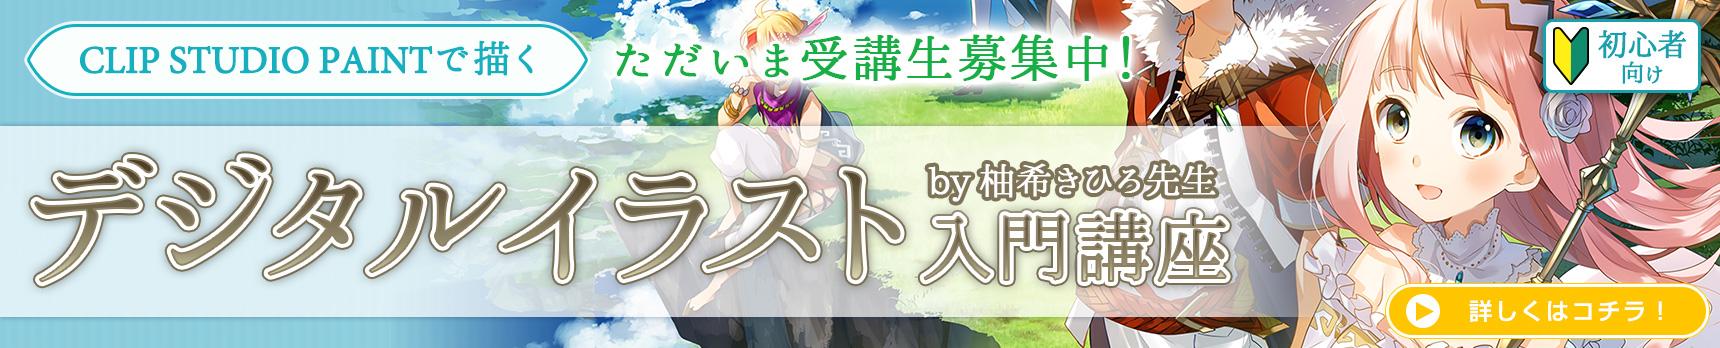 Yuzuki banner pc